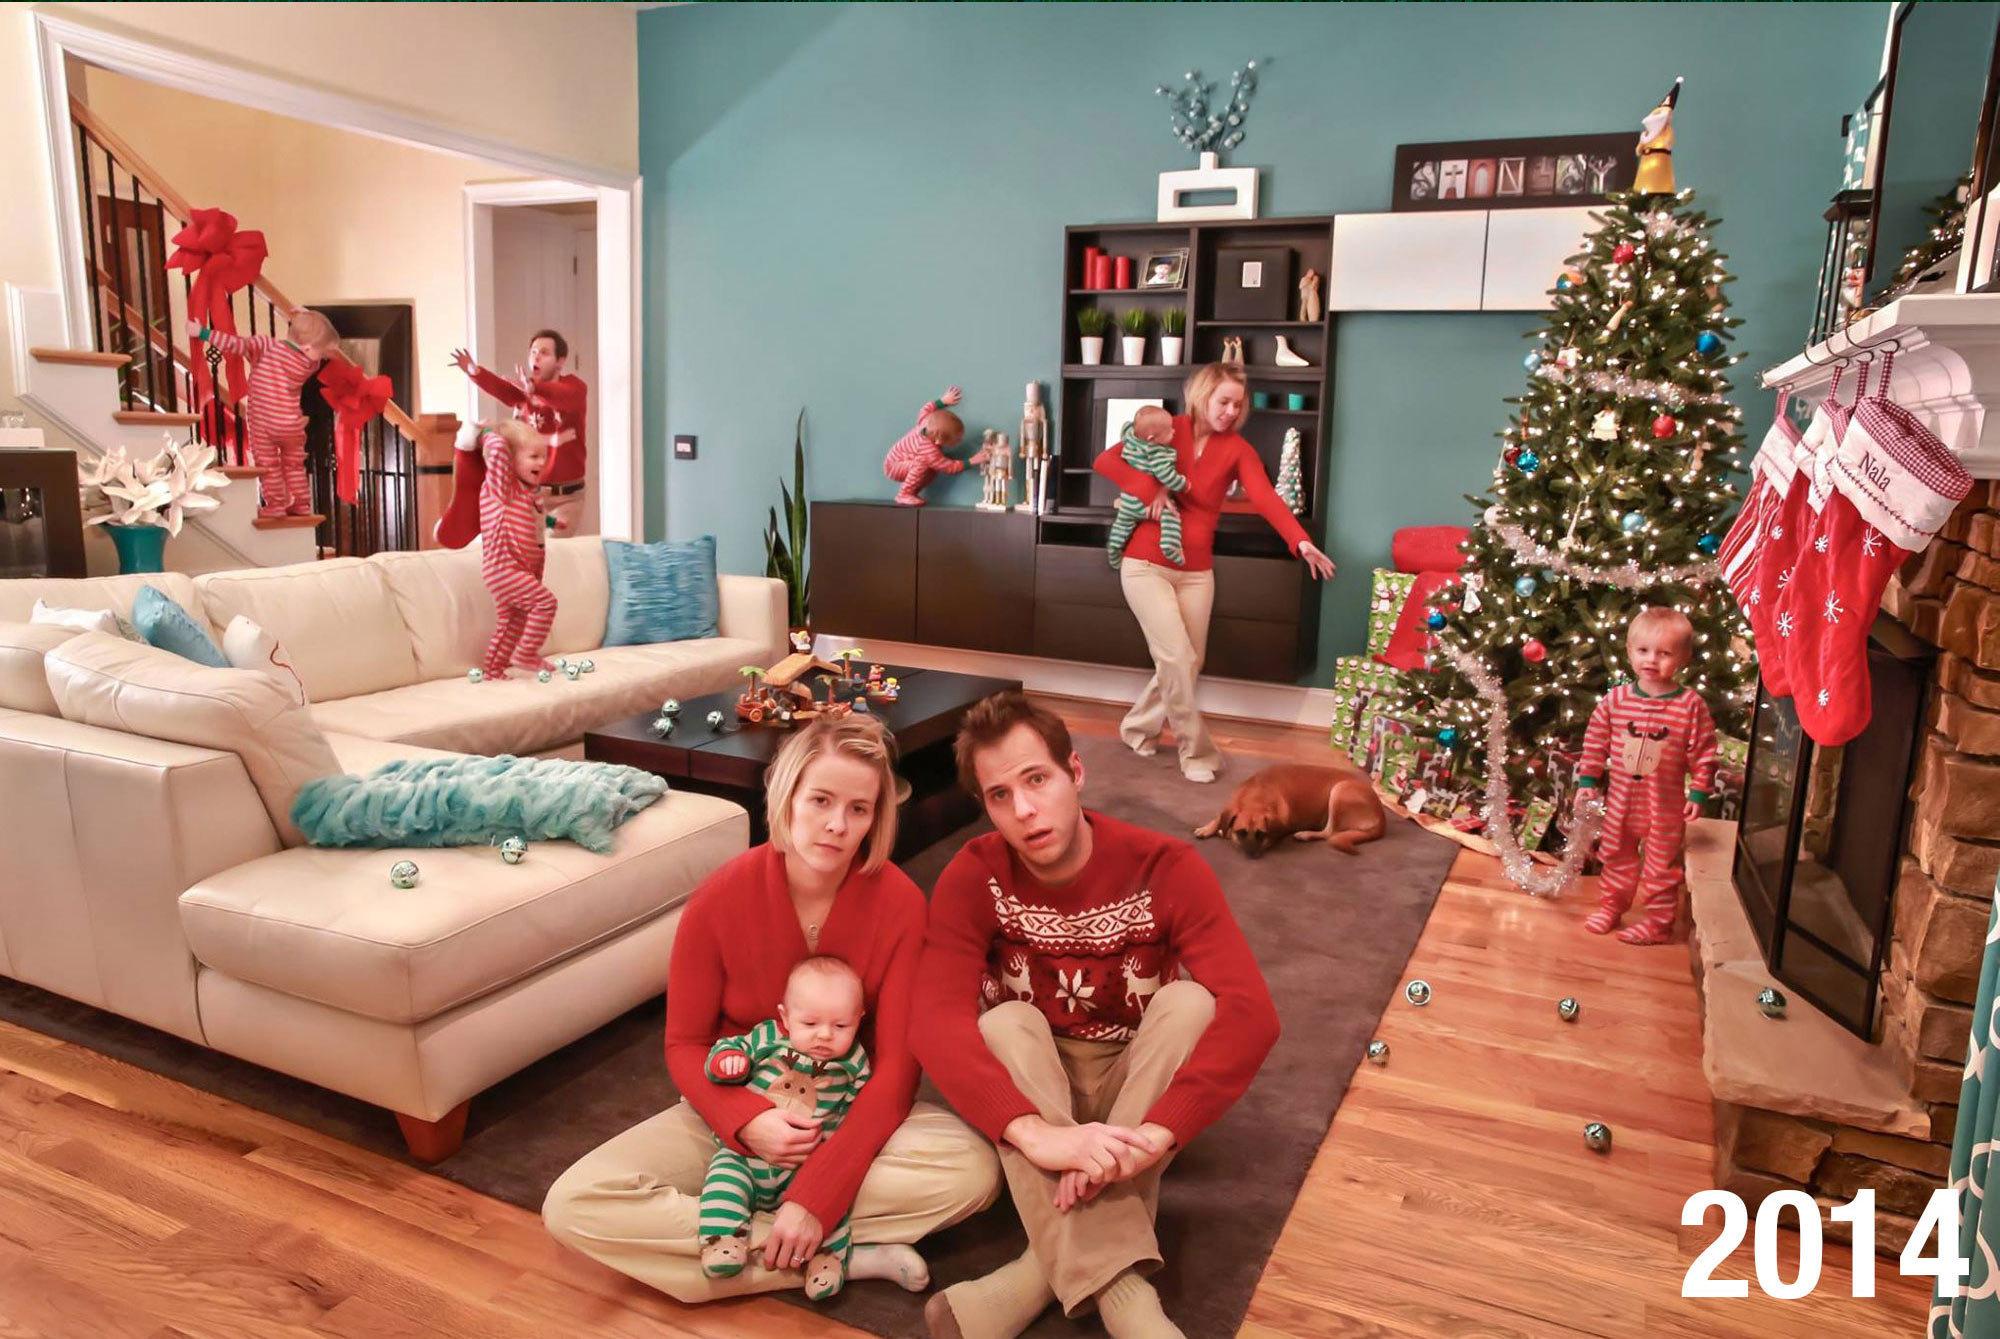 이 가족은 '전통적인' 가족사진 크리스마스 카드 대신 현실을 그대로